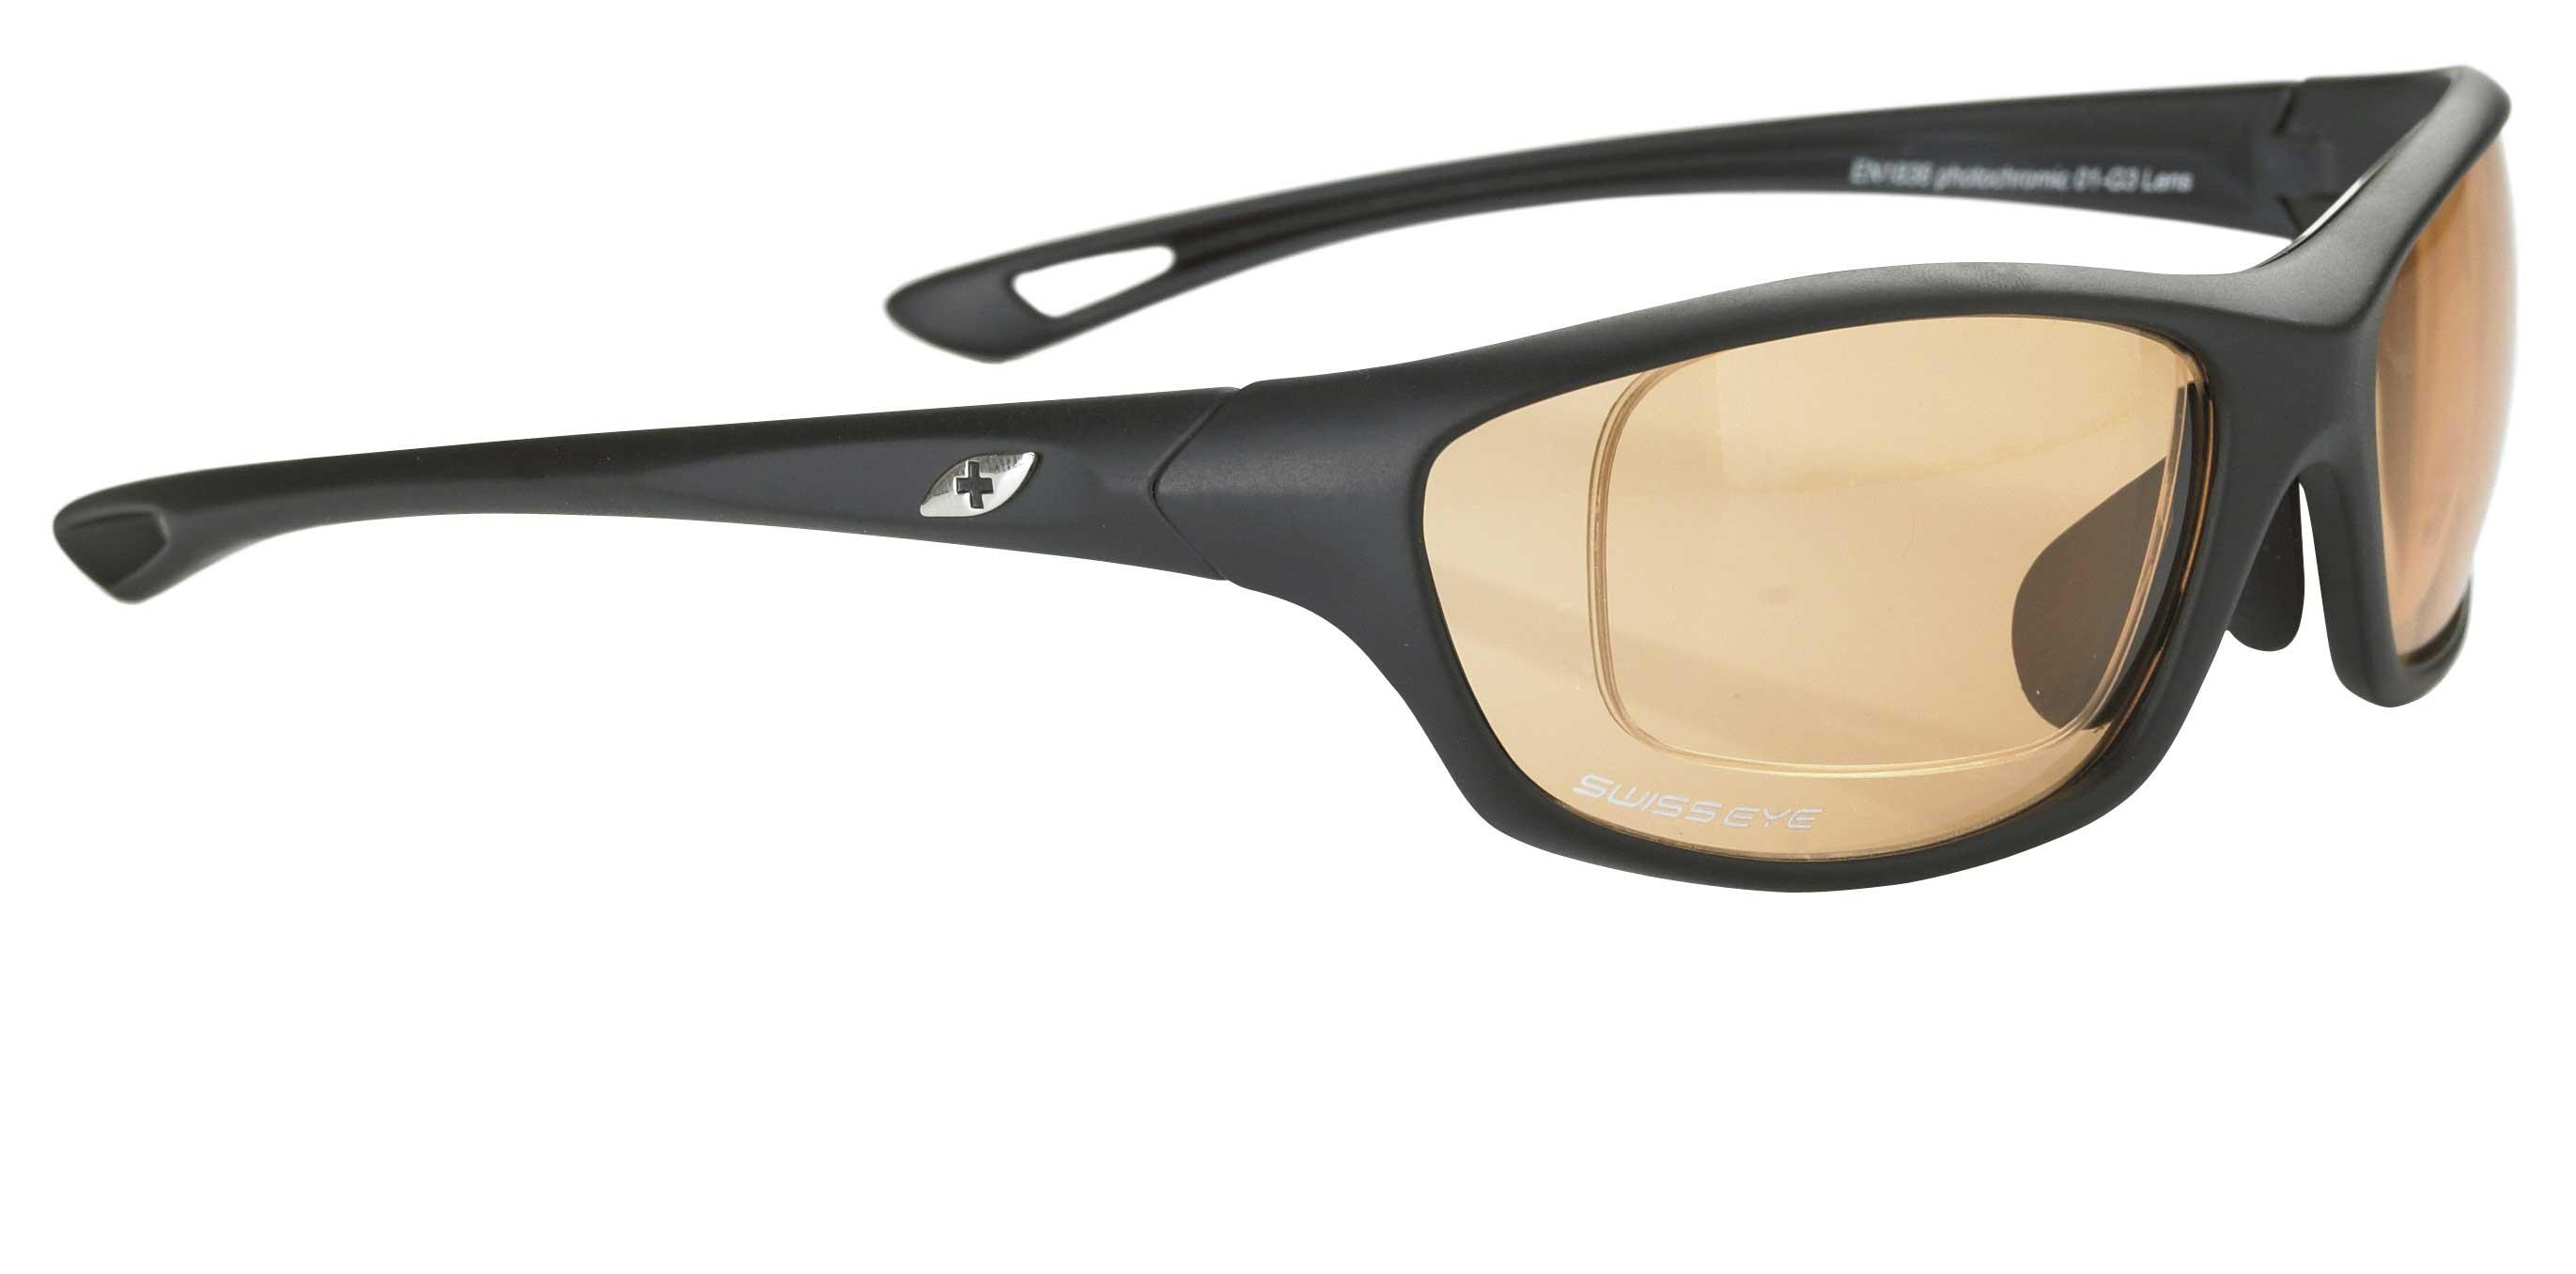 Мужские солнцезащитные очки  основные тренды сезона 48d6cd8d1d3